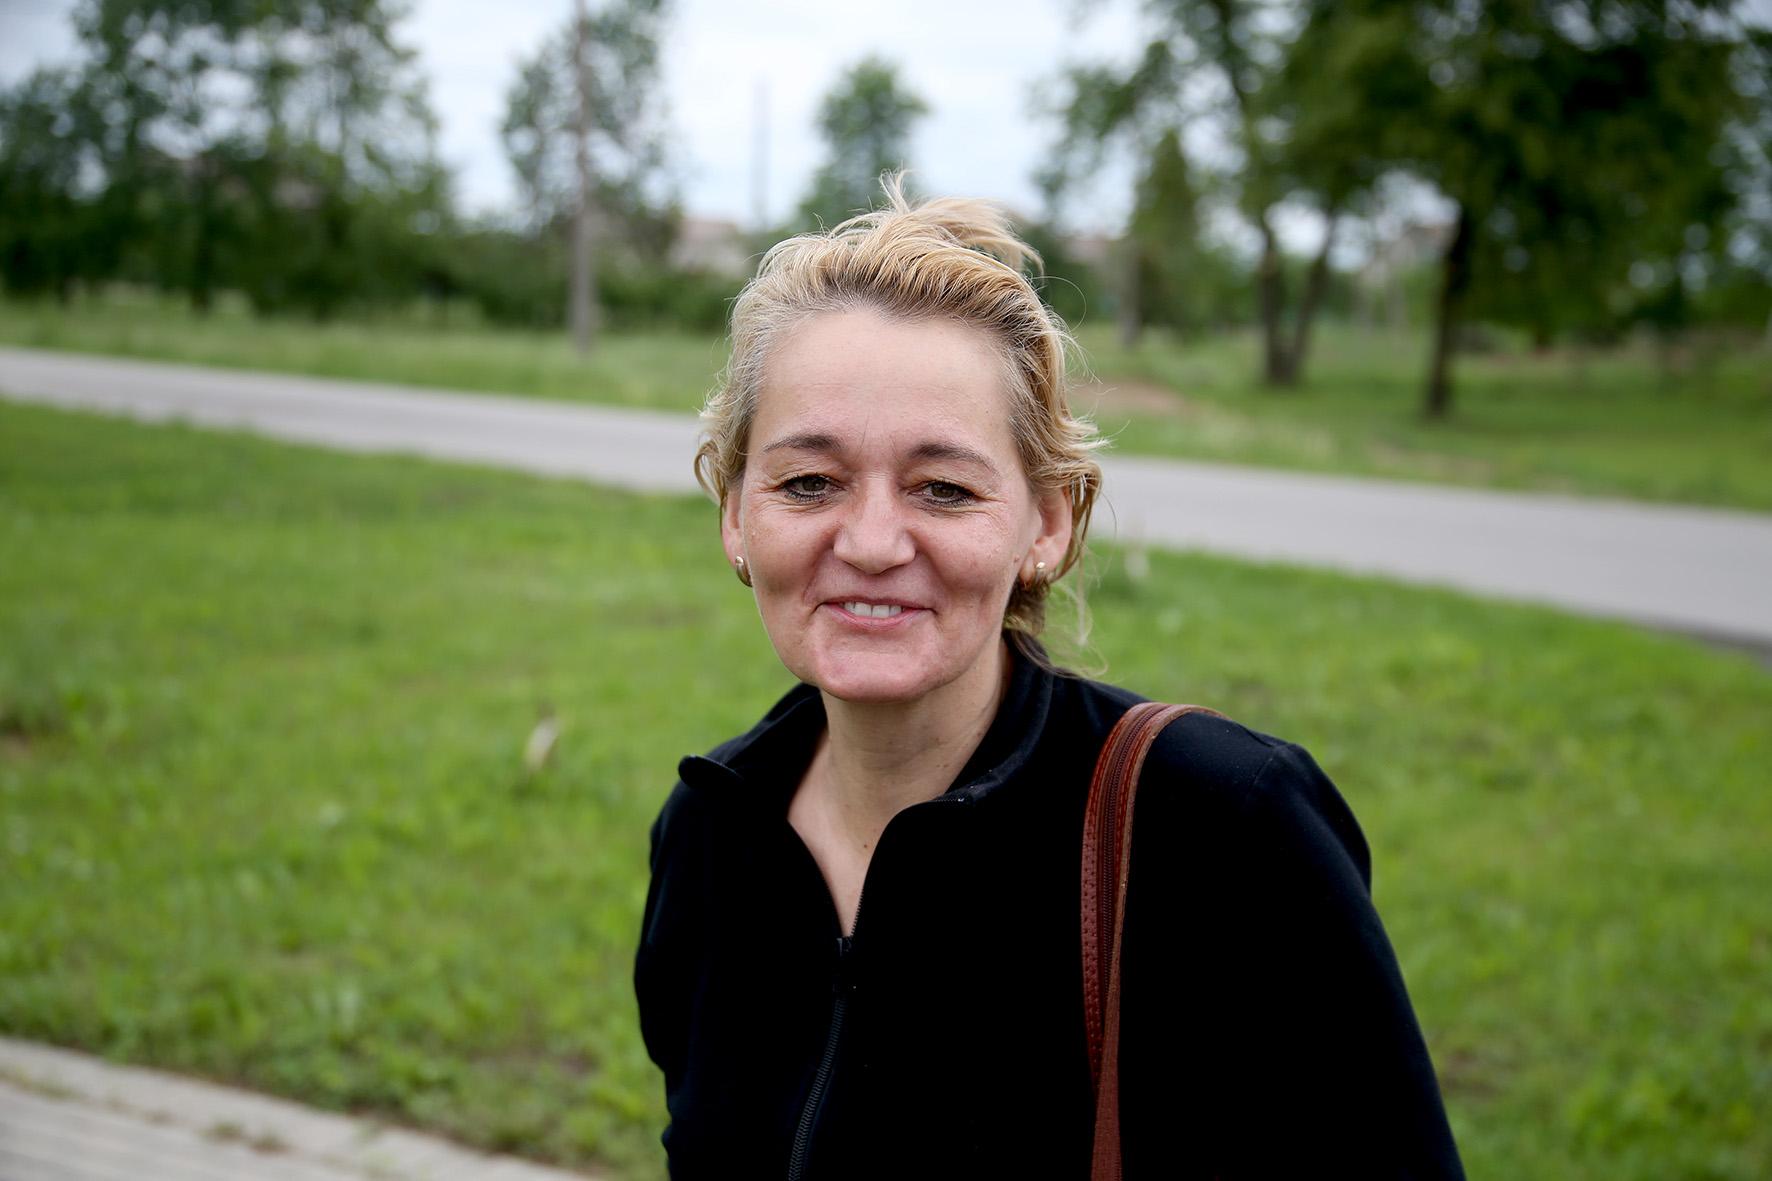 Sigita Žilinskienė augina didžiulį braškyną ir bambukyną. Kunionių kaime 7 hektarų ūkį turintys Sigita ir Nerijus Žilinskai augina keturių veislių bambukus. A. Barzdžiaus nuotr.